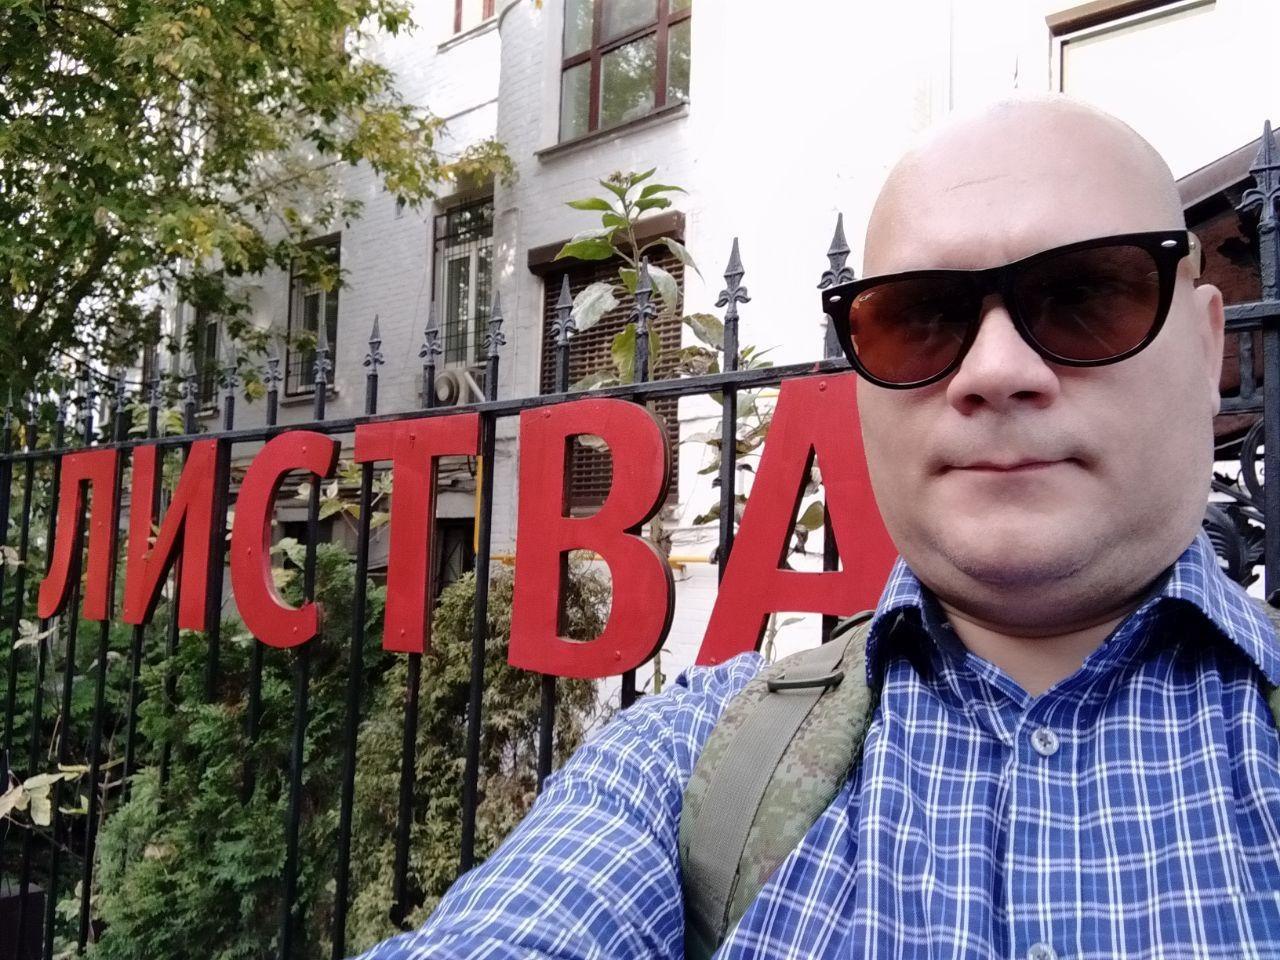 Дмитрий Бобров: «Русские националисты в Санкт-Петербурге в постсоветское время. История, воспоминания, анализ»